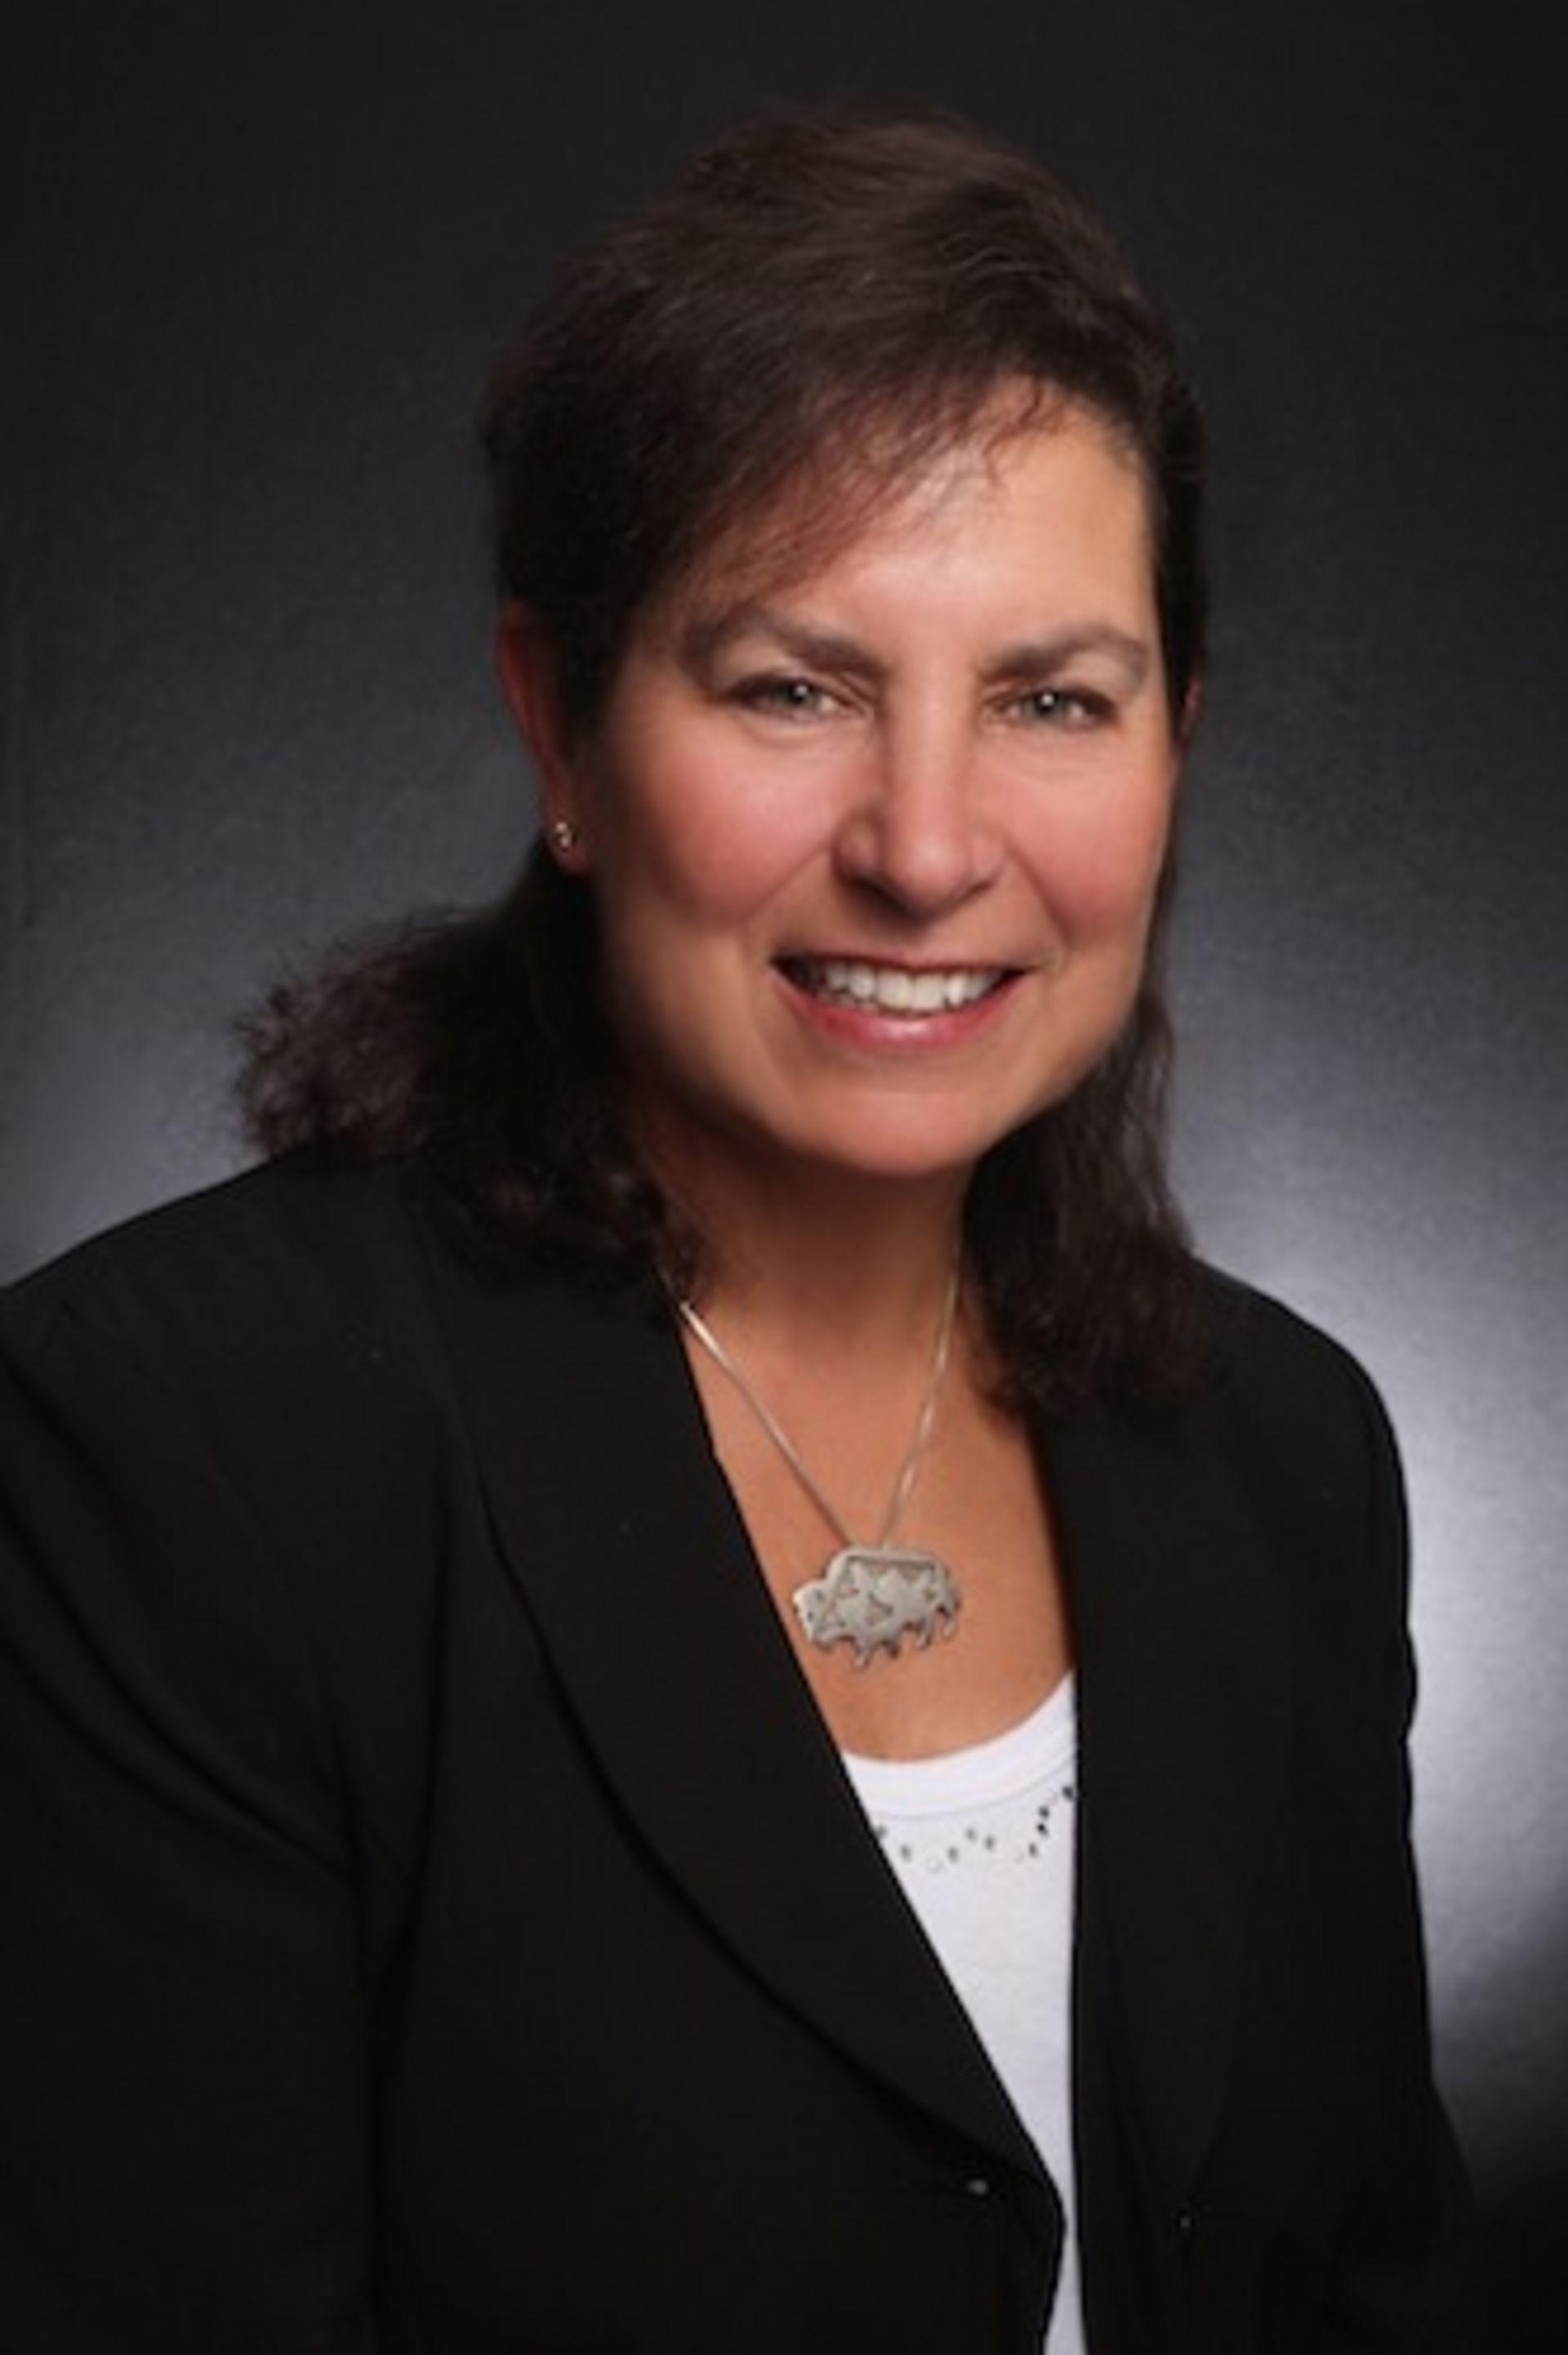 Ruth Ann Berney